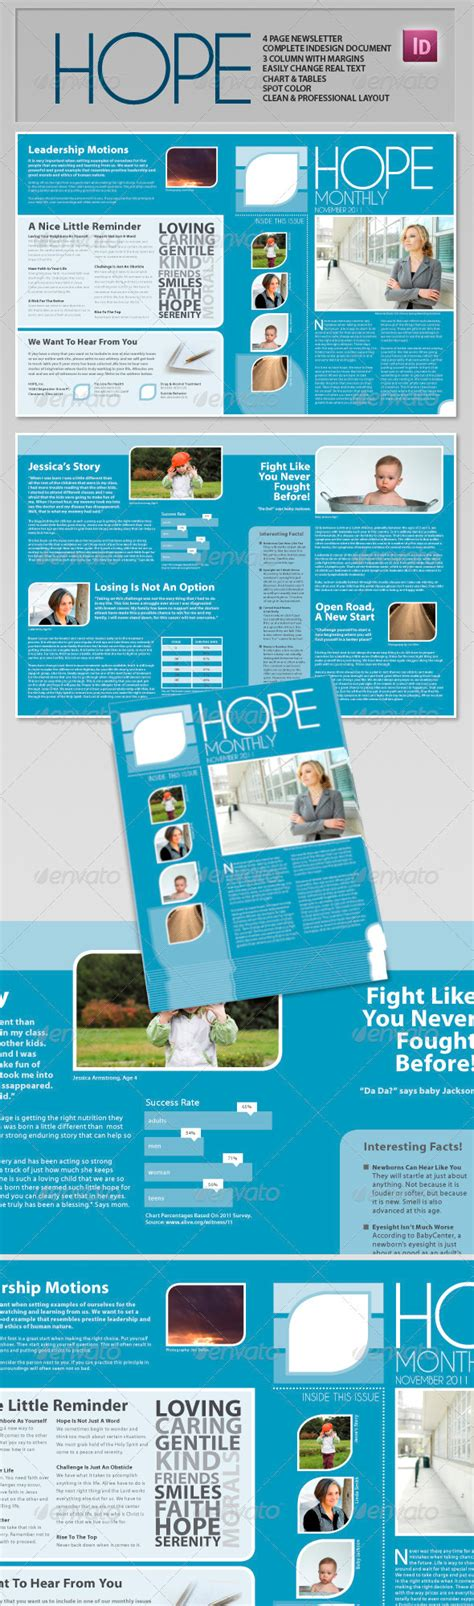 newsletter layout design pinterest newsletter template newsletter pinterest newsletter